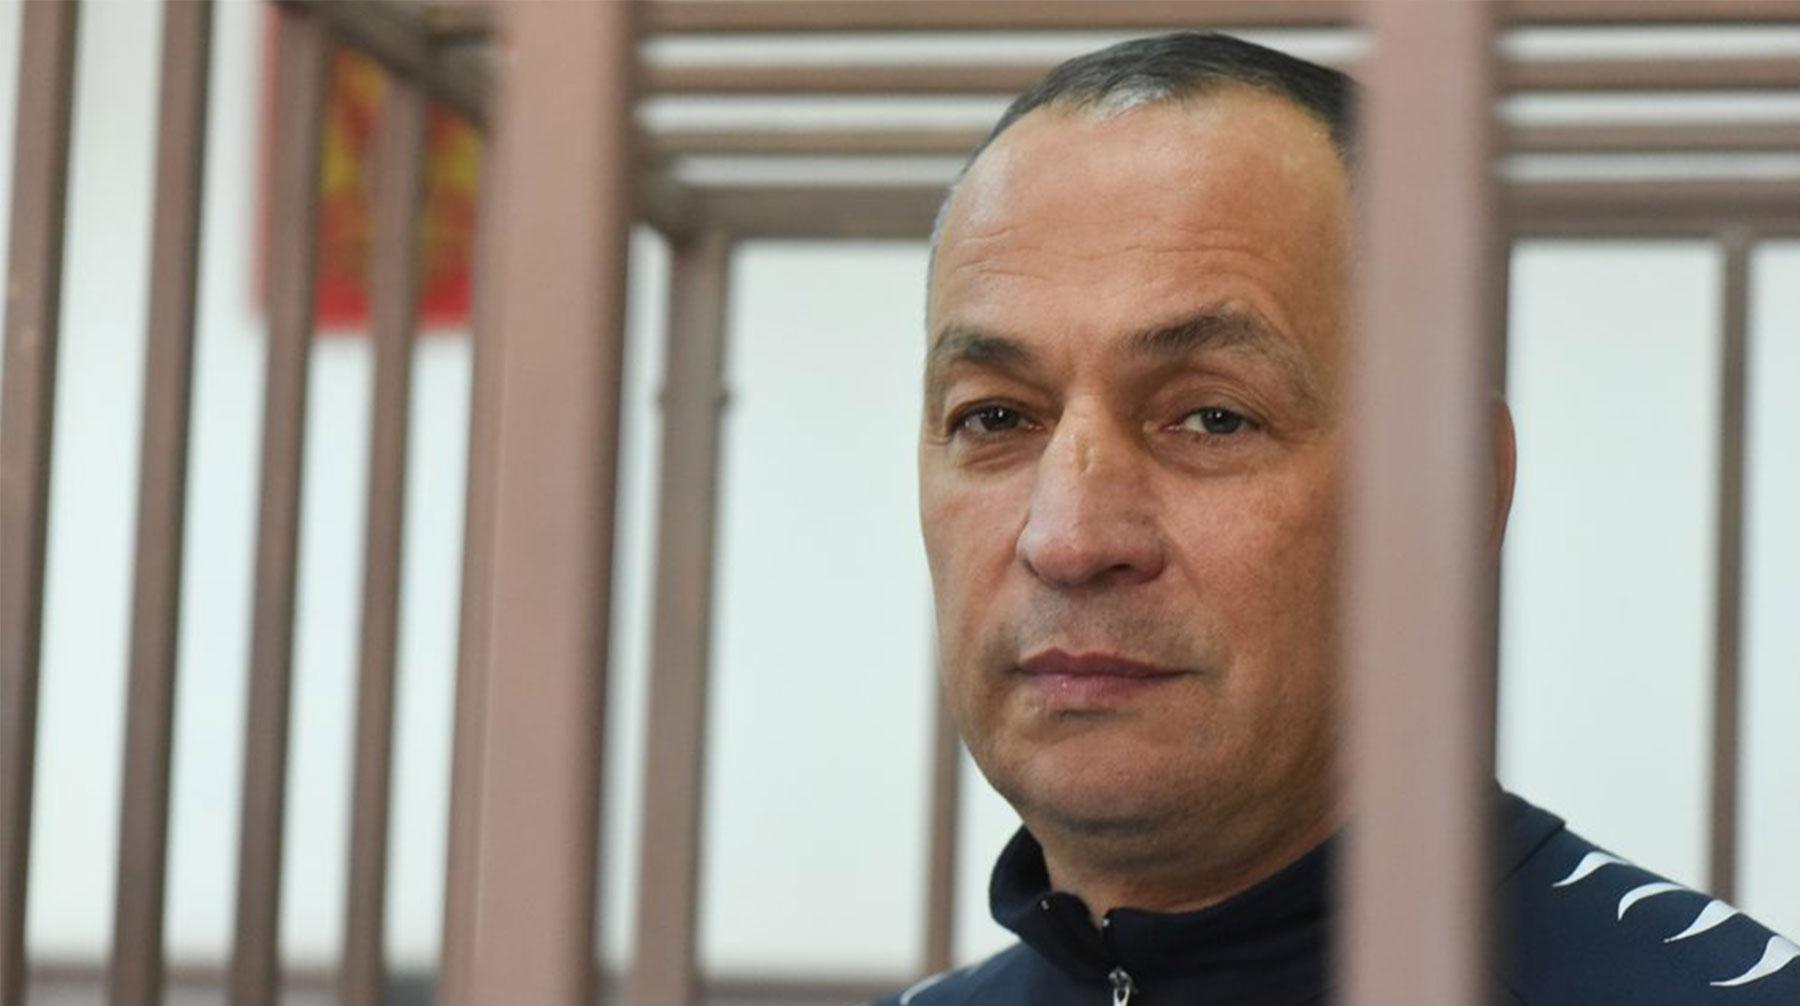 Суд Москвы продлил до 13 июня арест экс‑главе Серпуховского района Шестуну